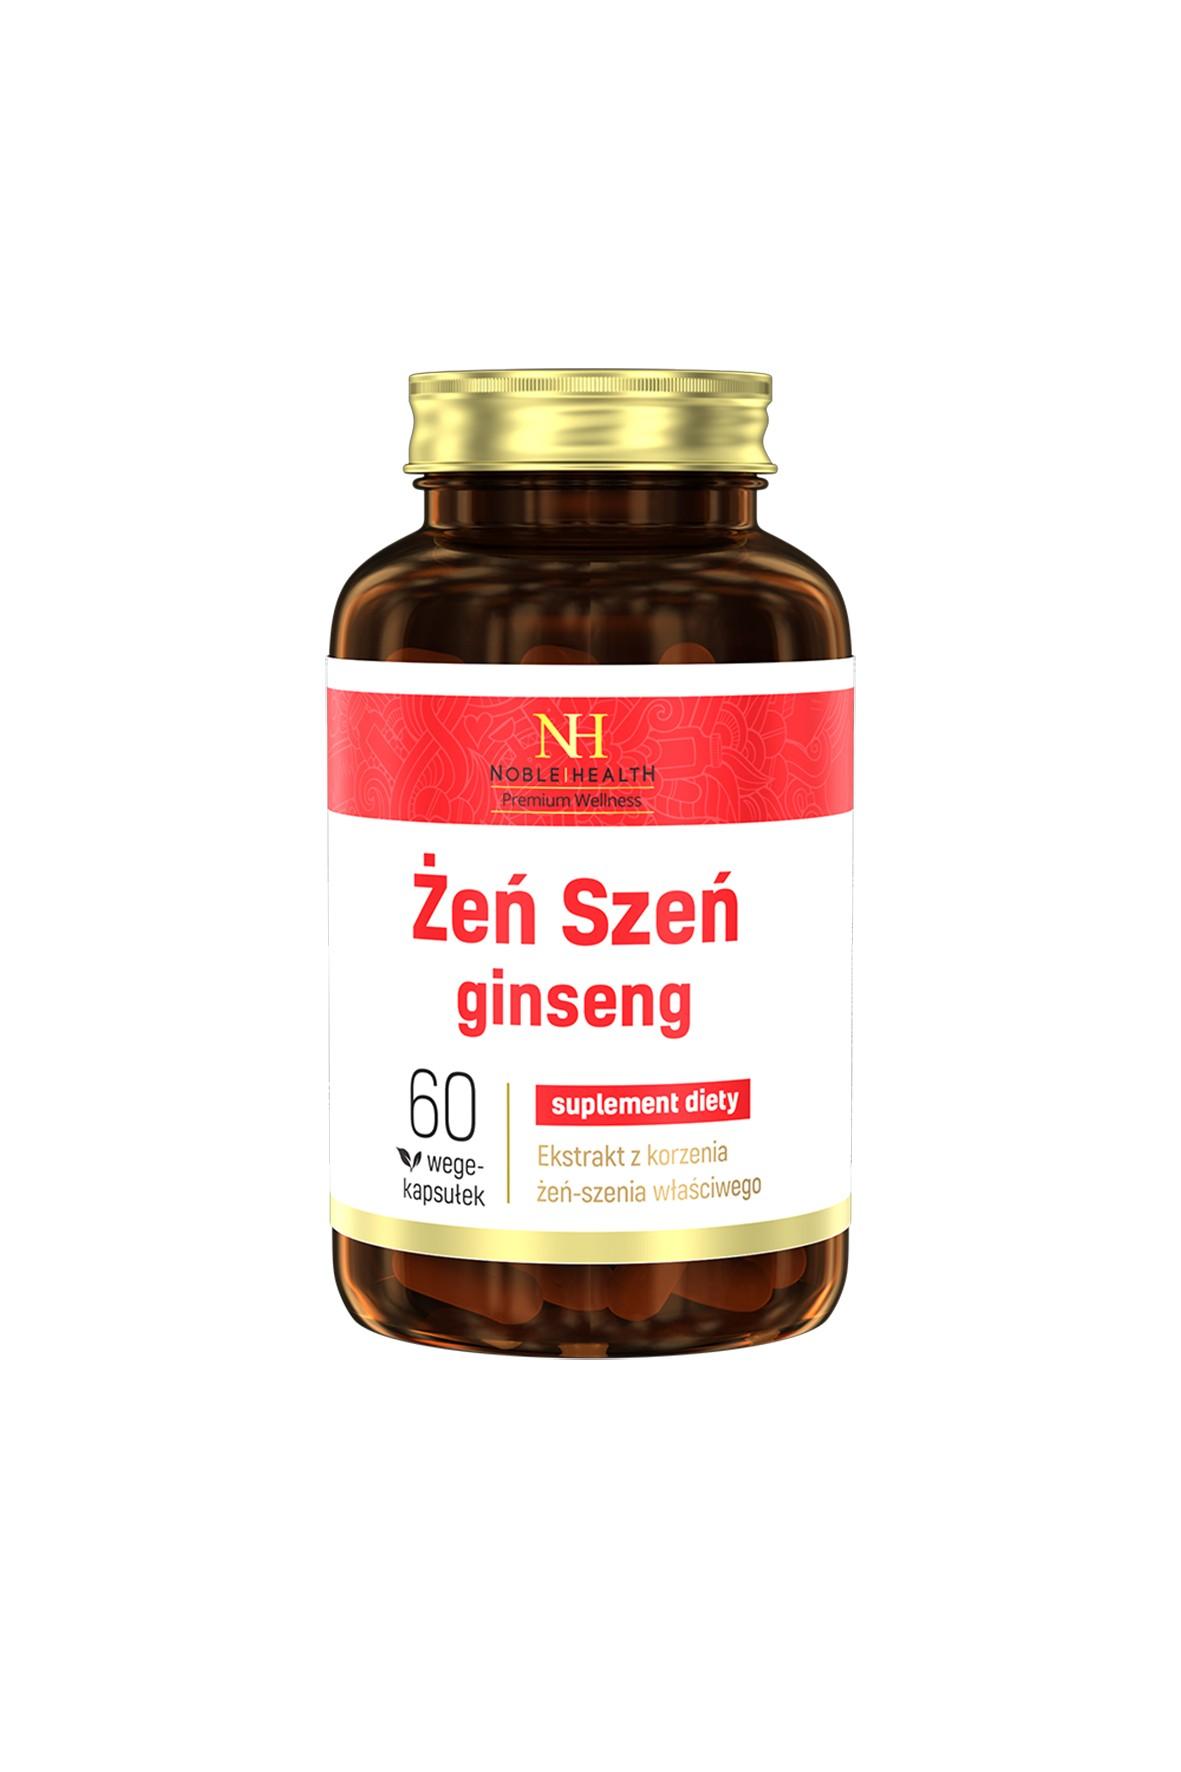 Żeń szeń - suplement diety Noble Health 60 kapsułek